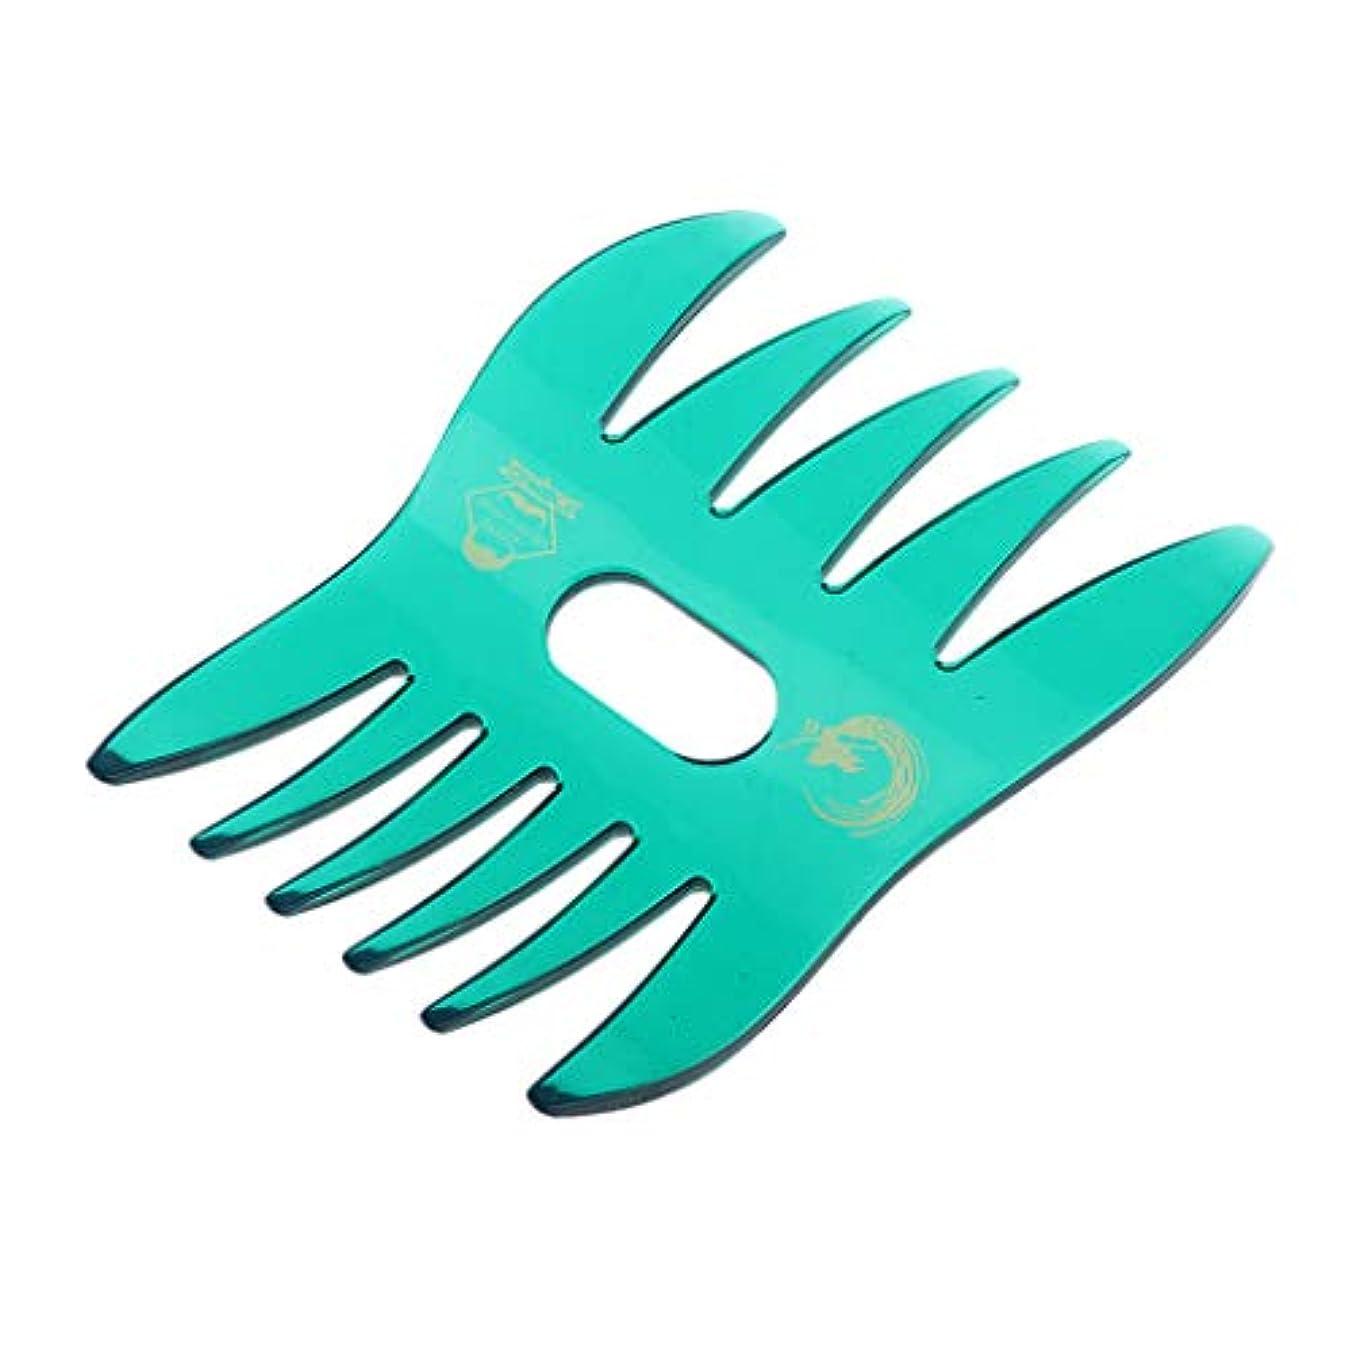 うんざり消す適合ヘアコーム デュアルサイド 櫛 くし サロン ヘアスタイル 4色選べ - 緑